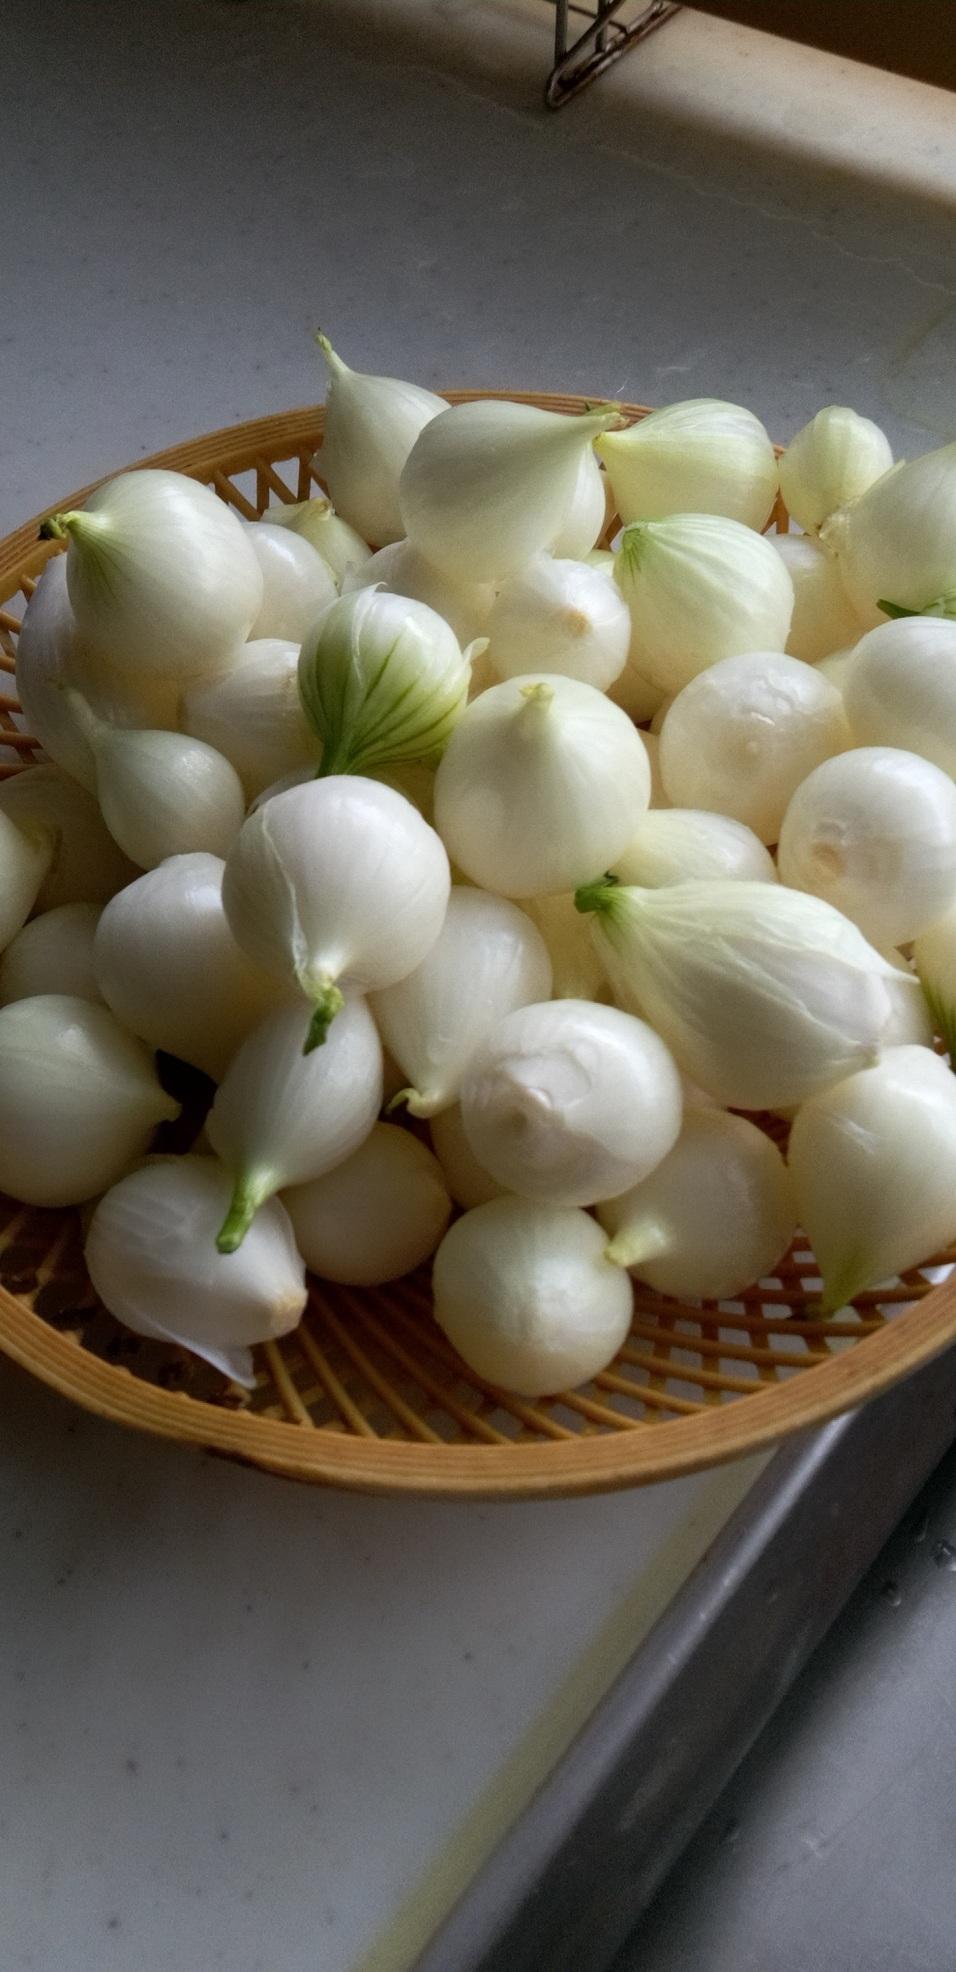 新玉ねぎのスープ作り_d0026905_17470103.jpg